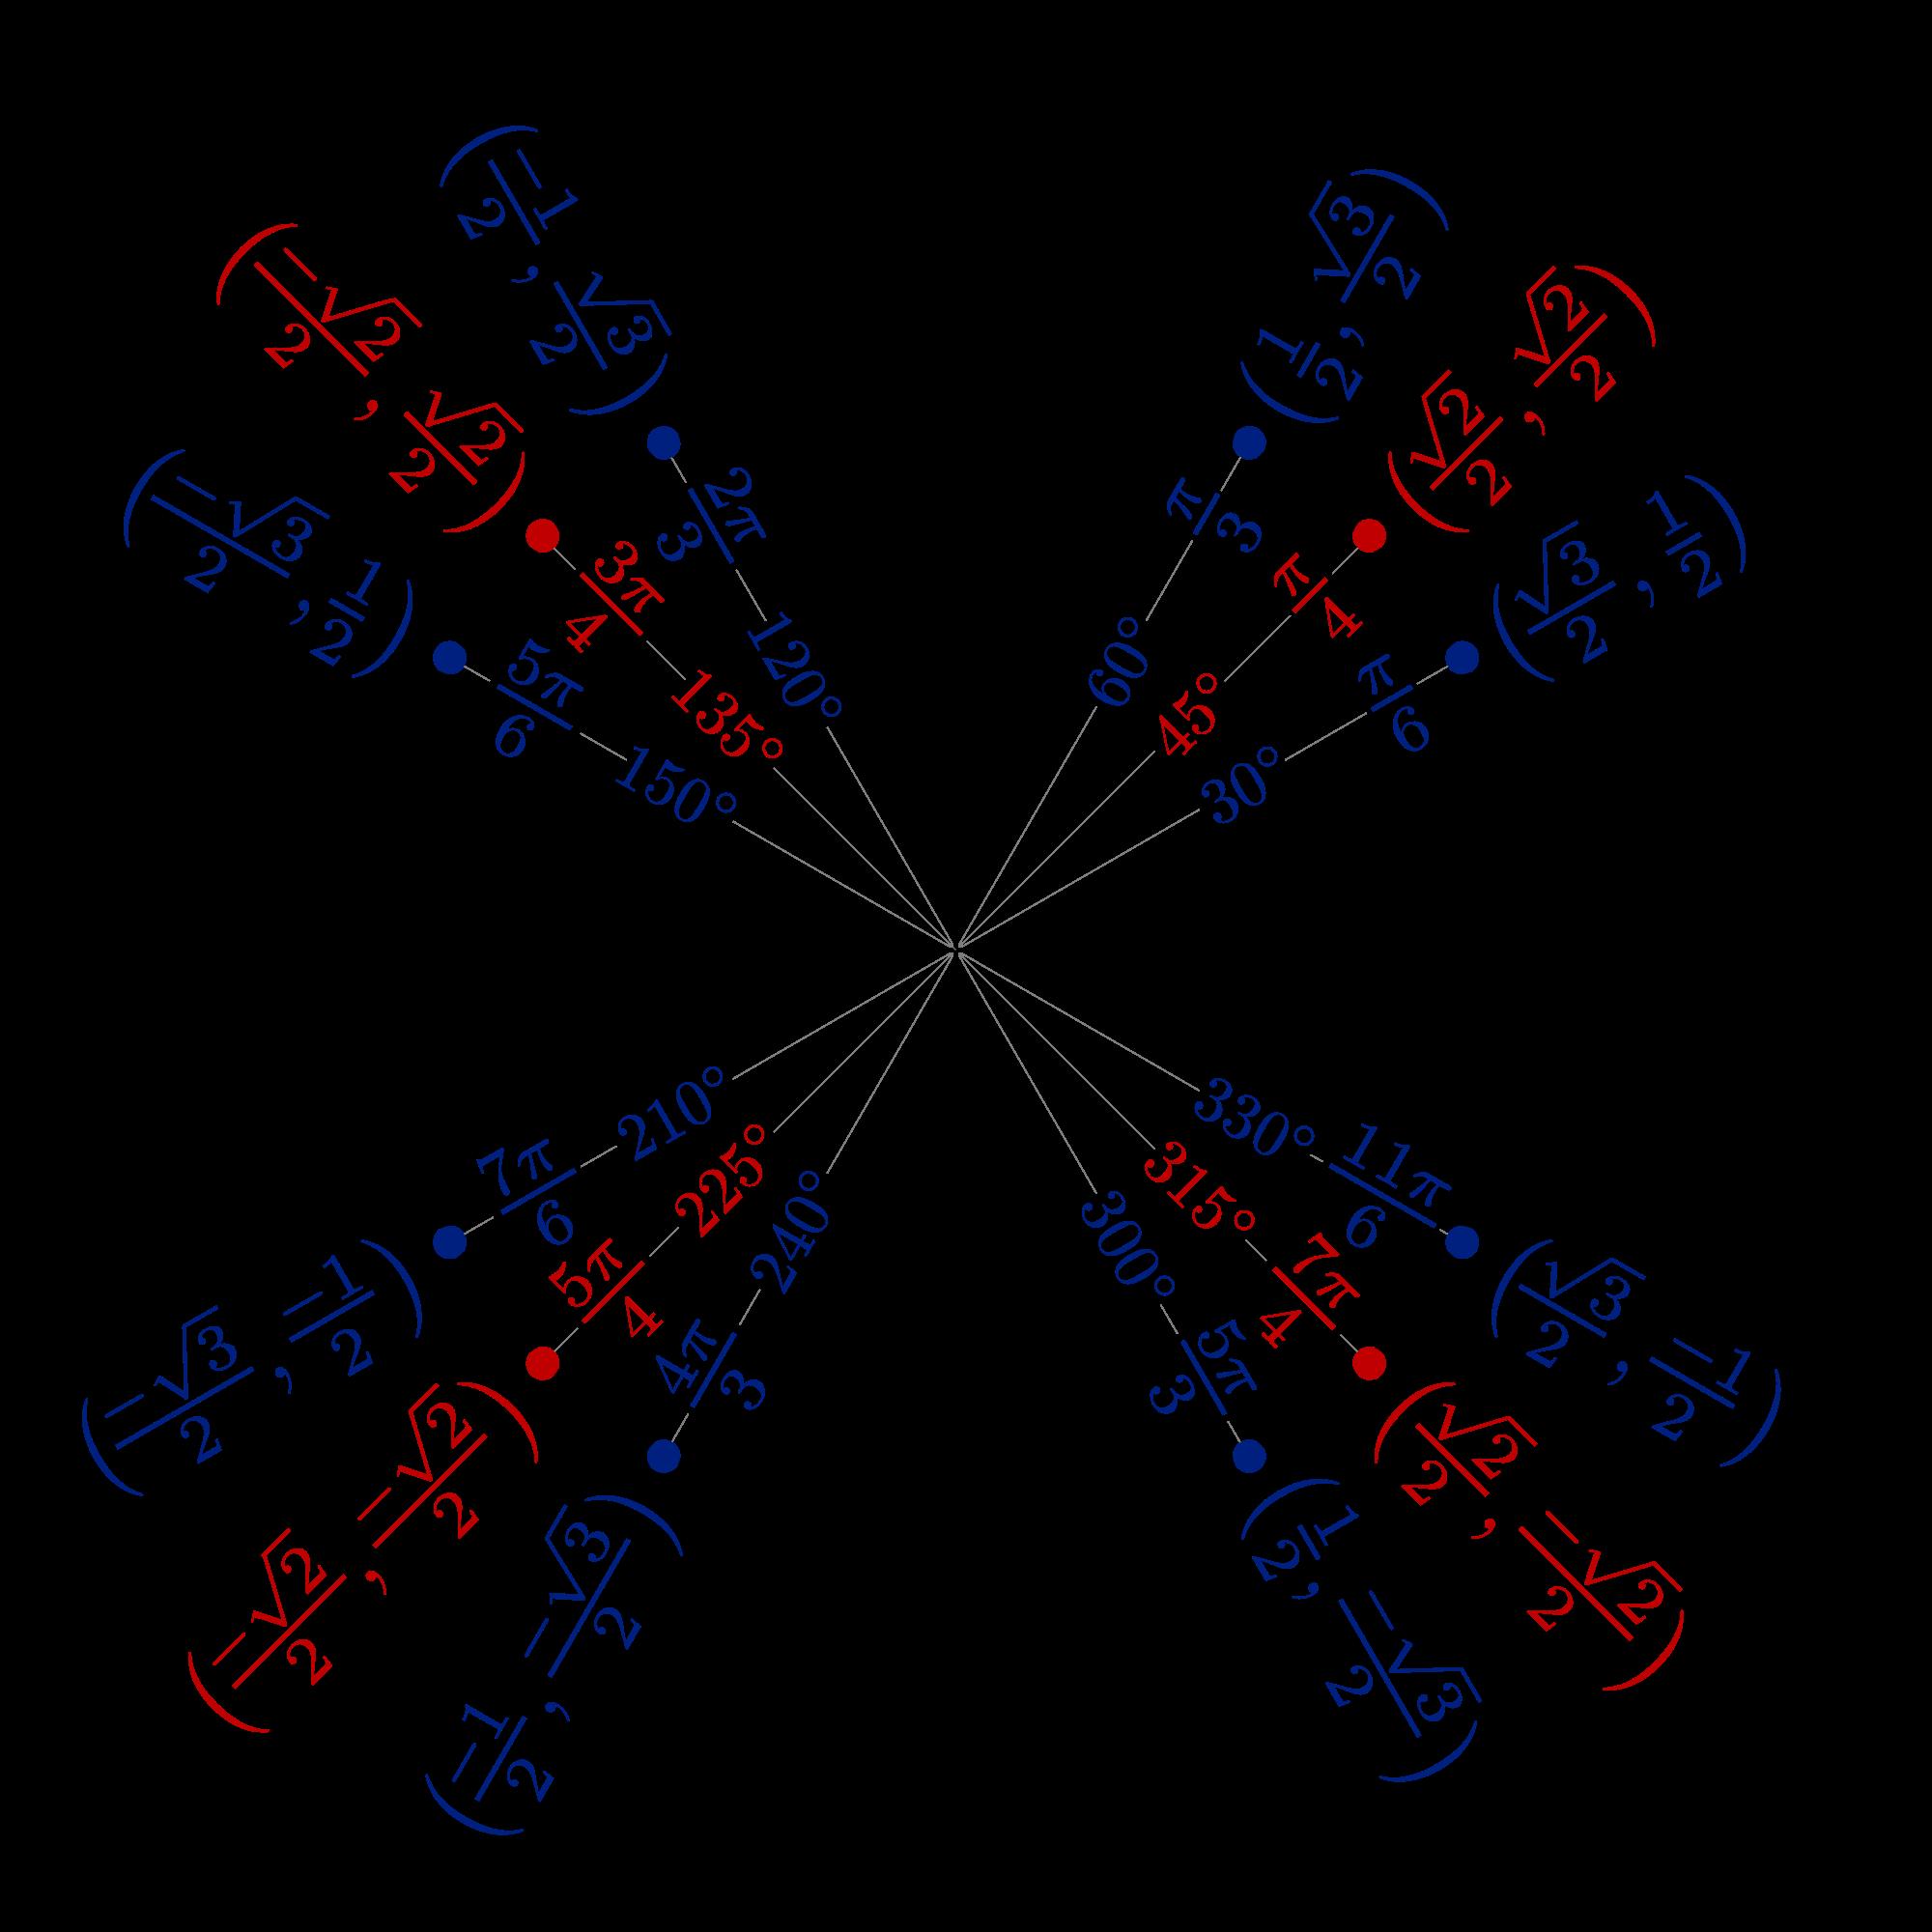 Enhetscirkel med olika vinklar markerade. Observera symmetrin i koordinaterna för de olika vinklarna.